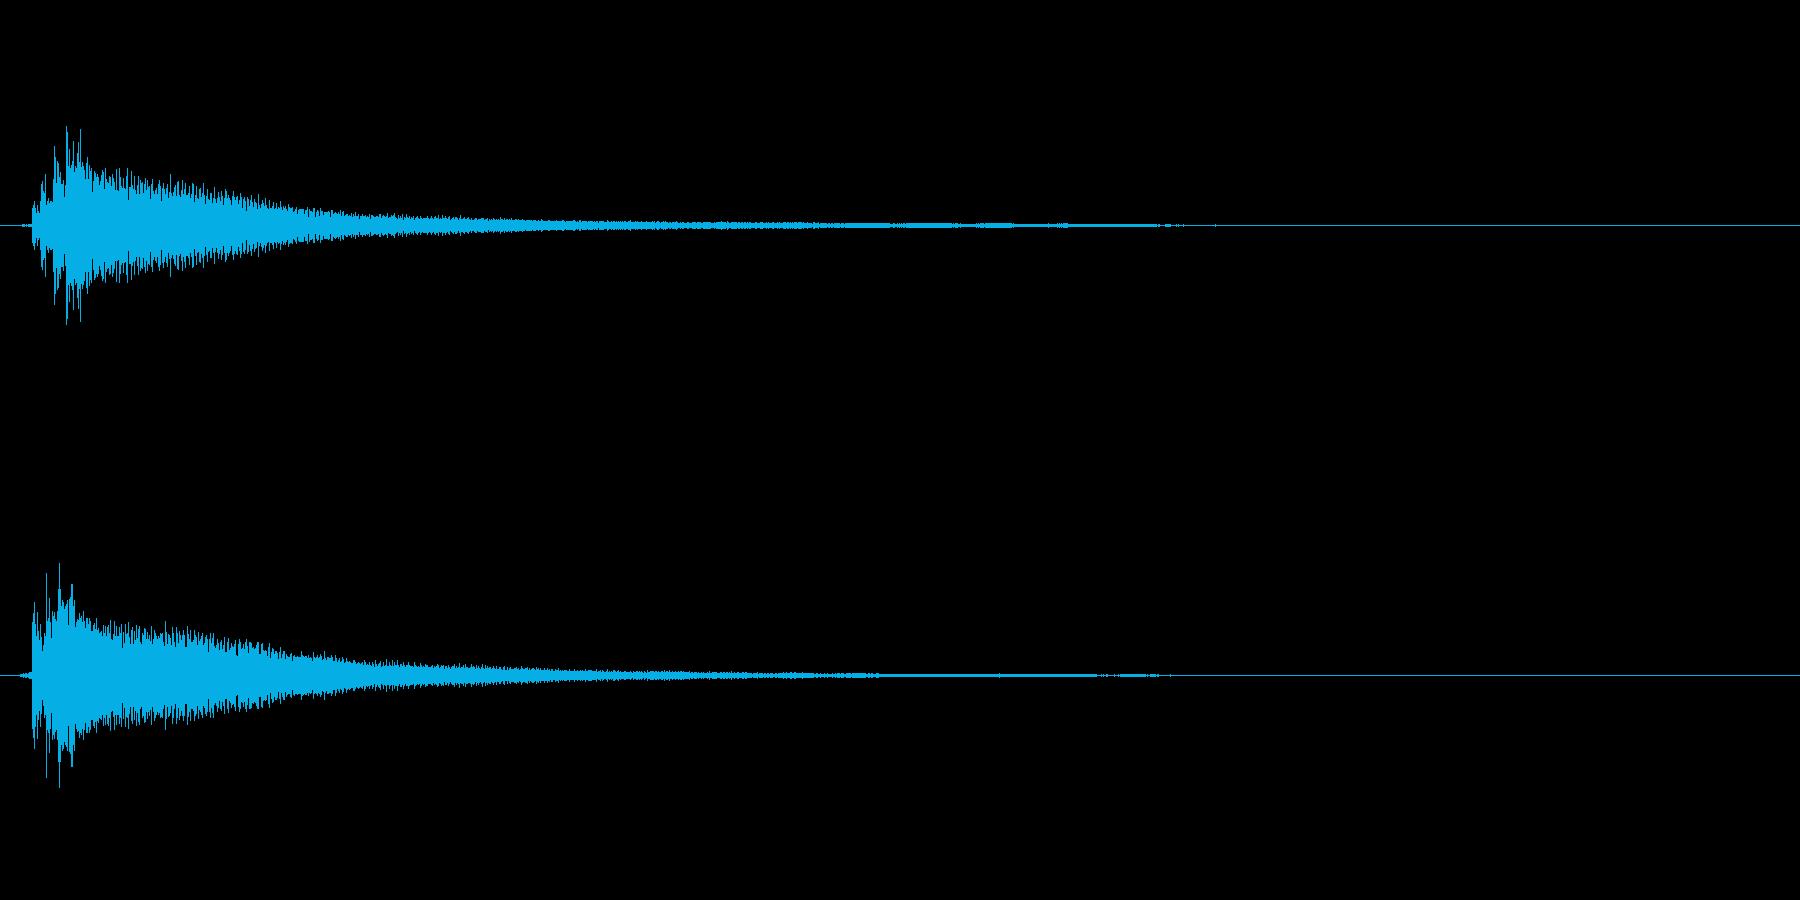 アコギのハーモニクスによるサウンドロゴの再生済みの波形